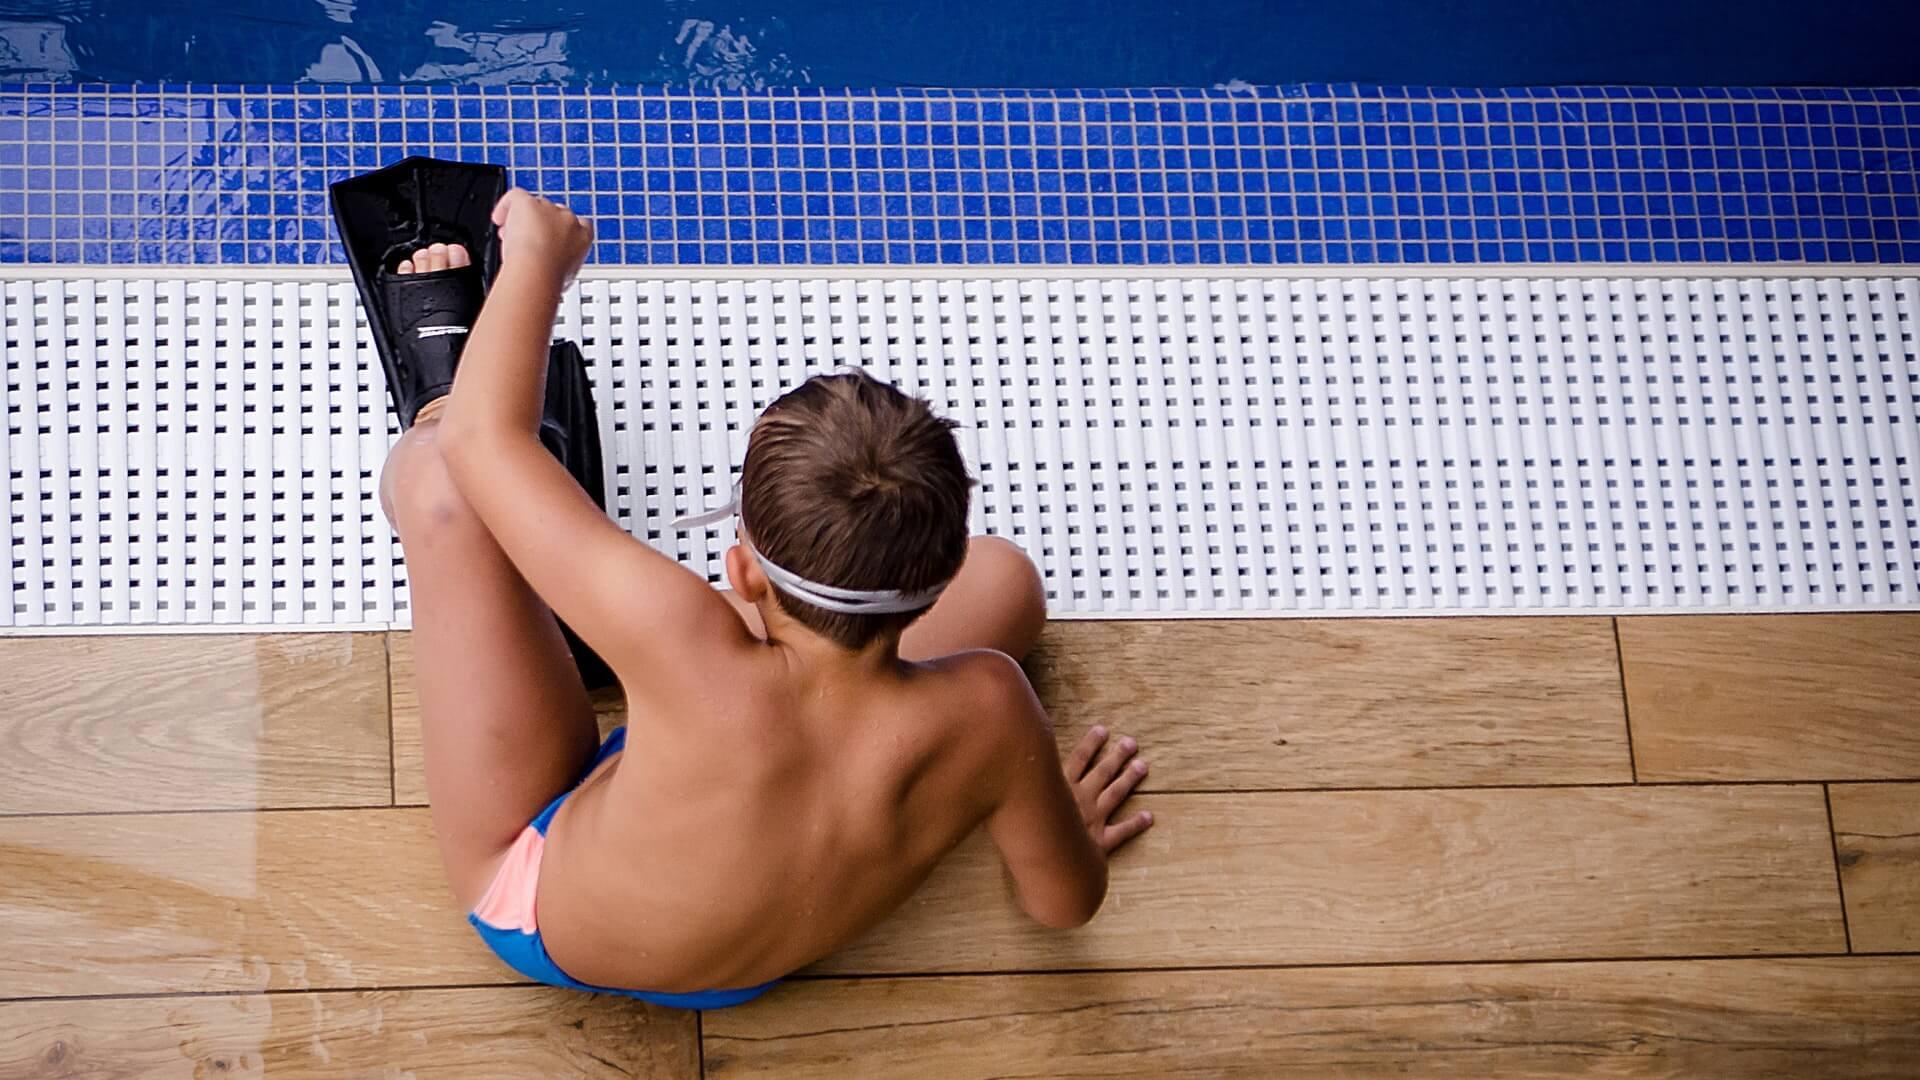 ביטוח אחריות מקצועית למדריכי שחייה במיוחד